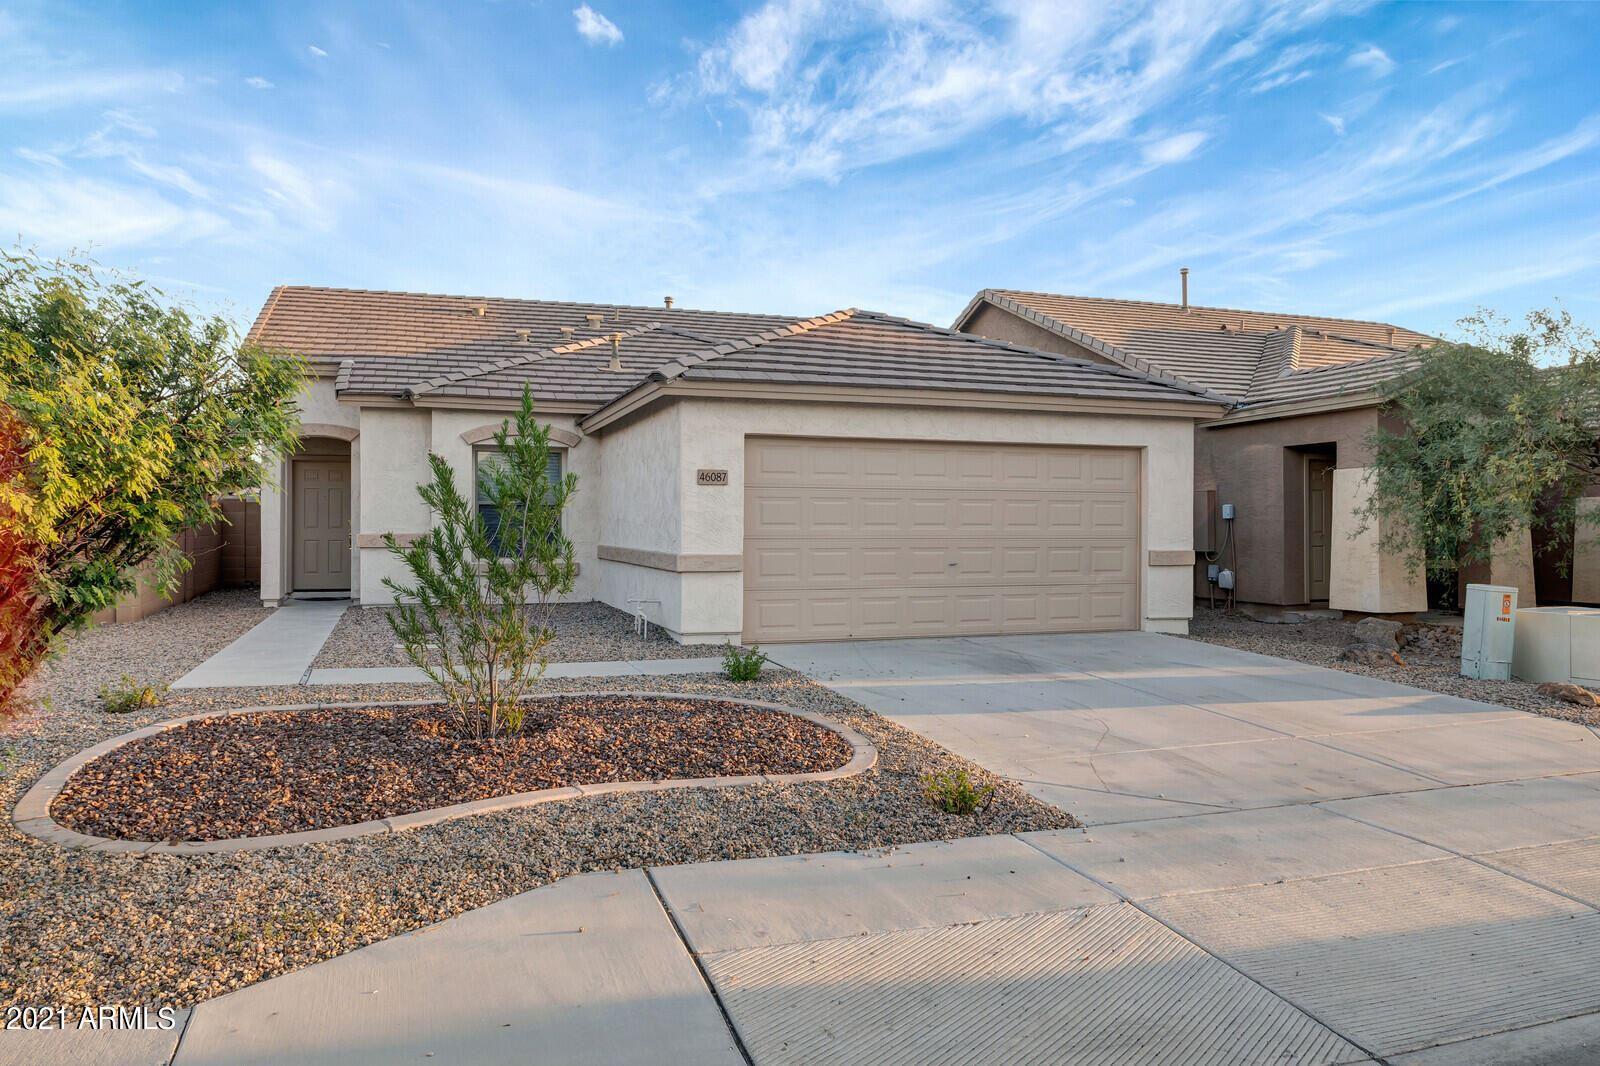 Photo for 46087 W KRISTINA Way, Maricopa, AZ 85139 (MLS # 6290368)